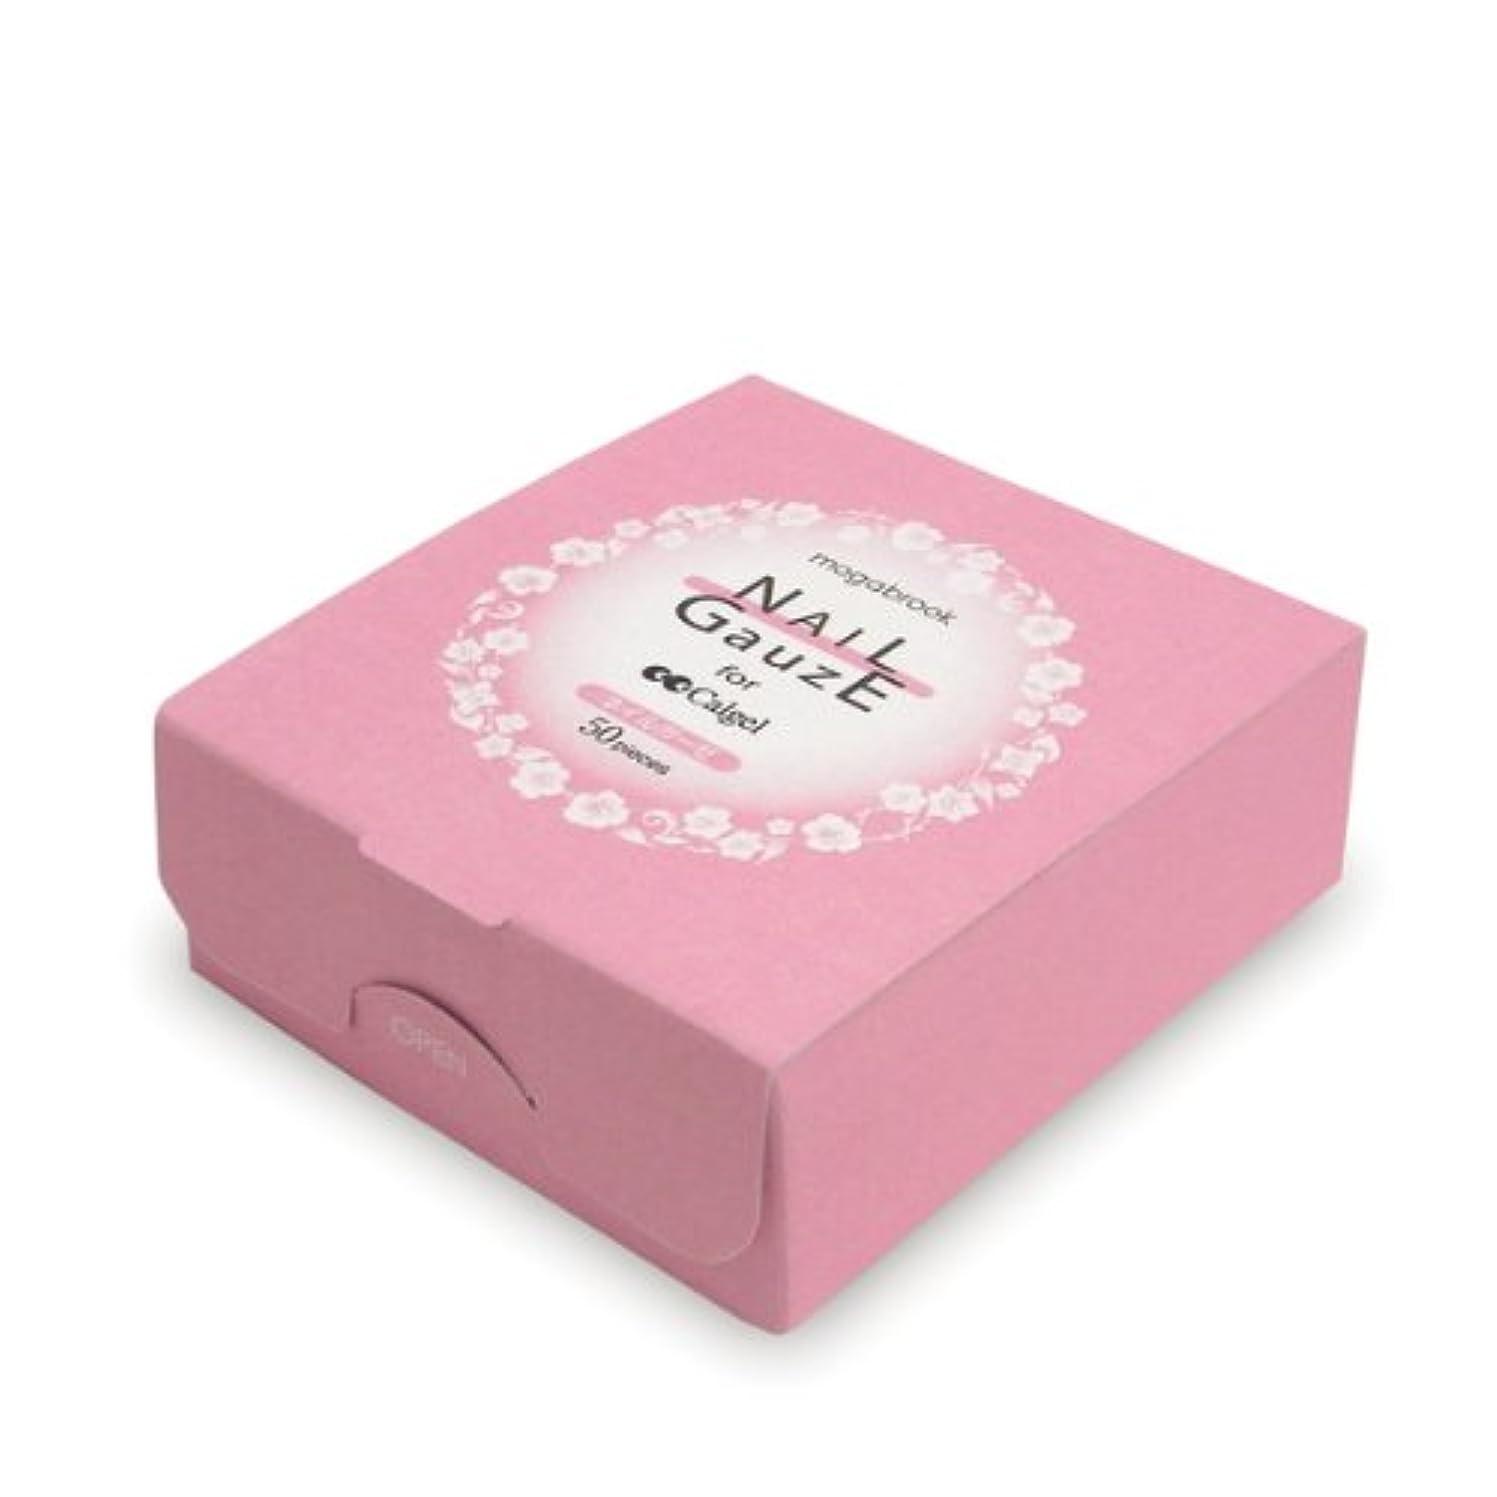 赤字ピンク優しさCalgel ネイルカ゛ーセ゛50 50P 使い捨てガーゼ